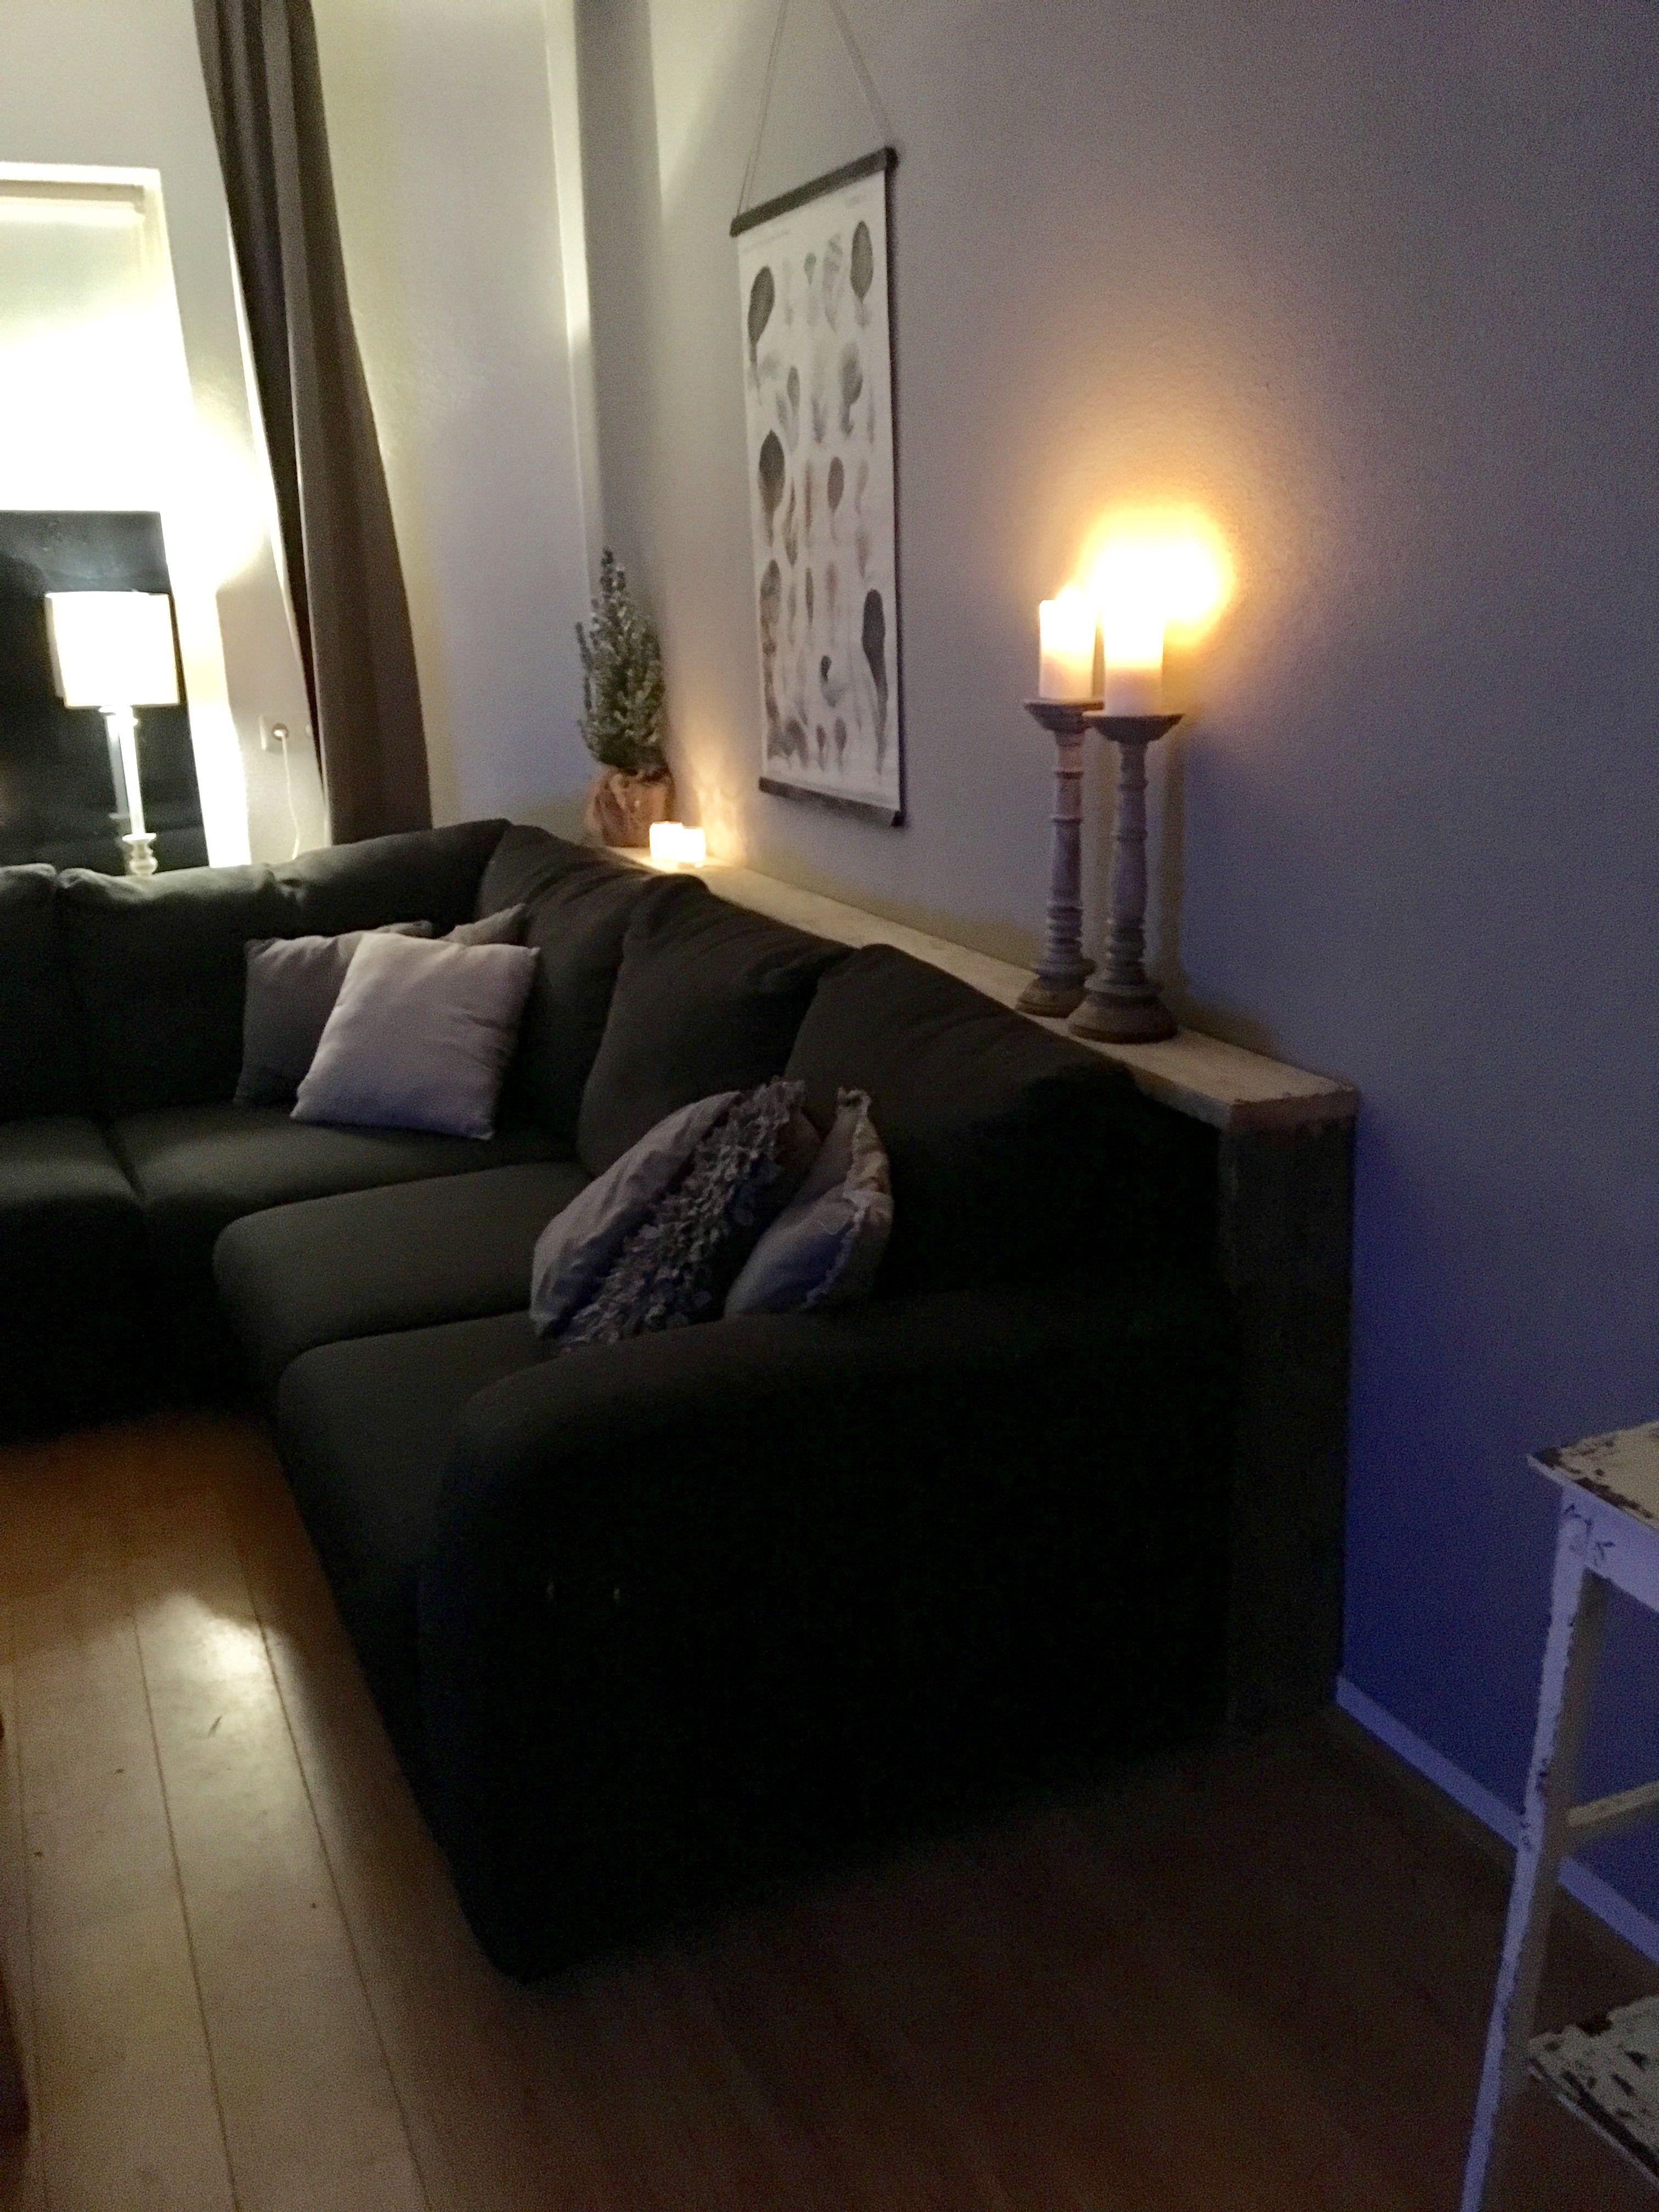 Beroemd Leuke sidetable achter de bank! | Huiskamer - Living room decor @RO02